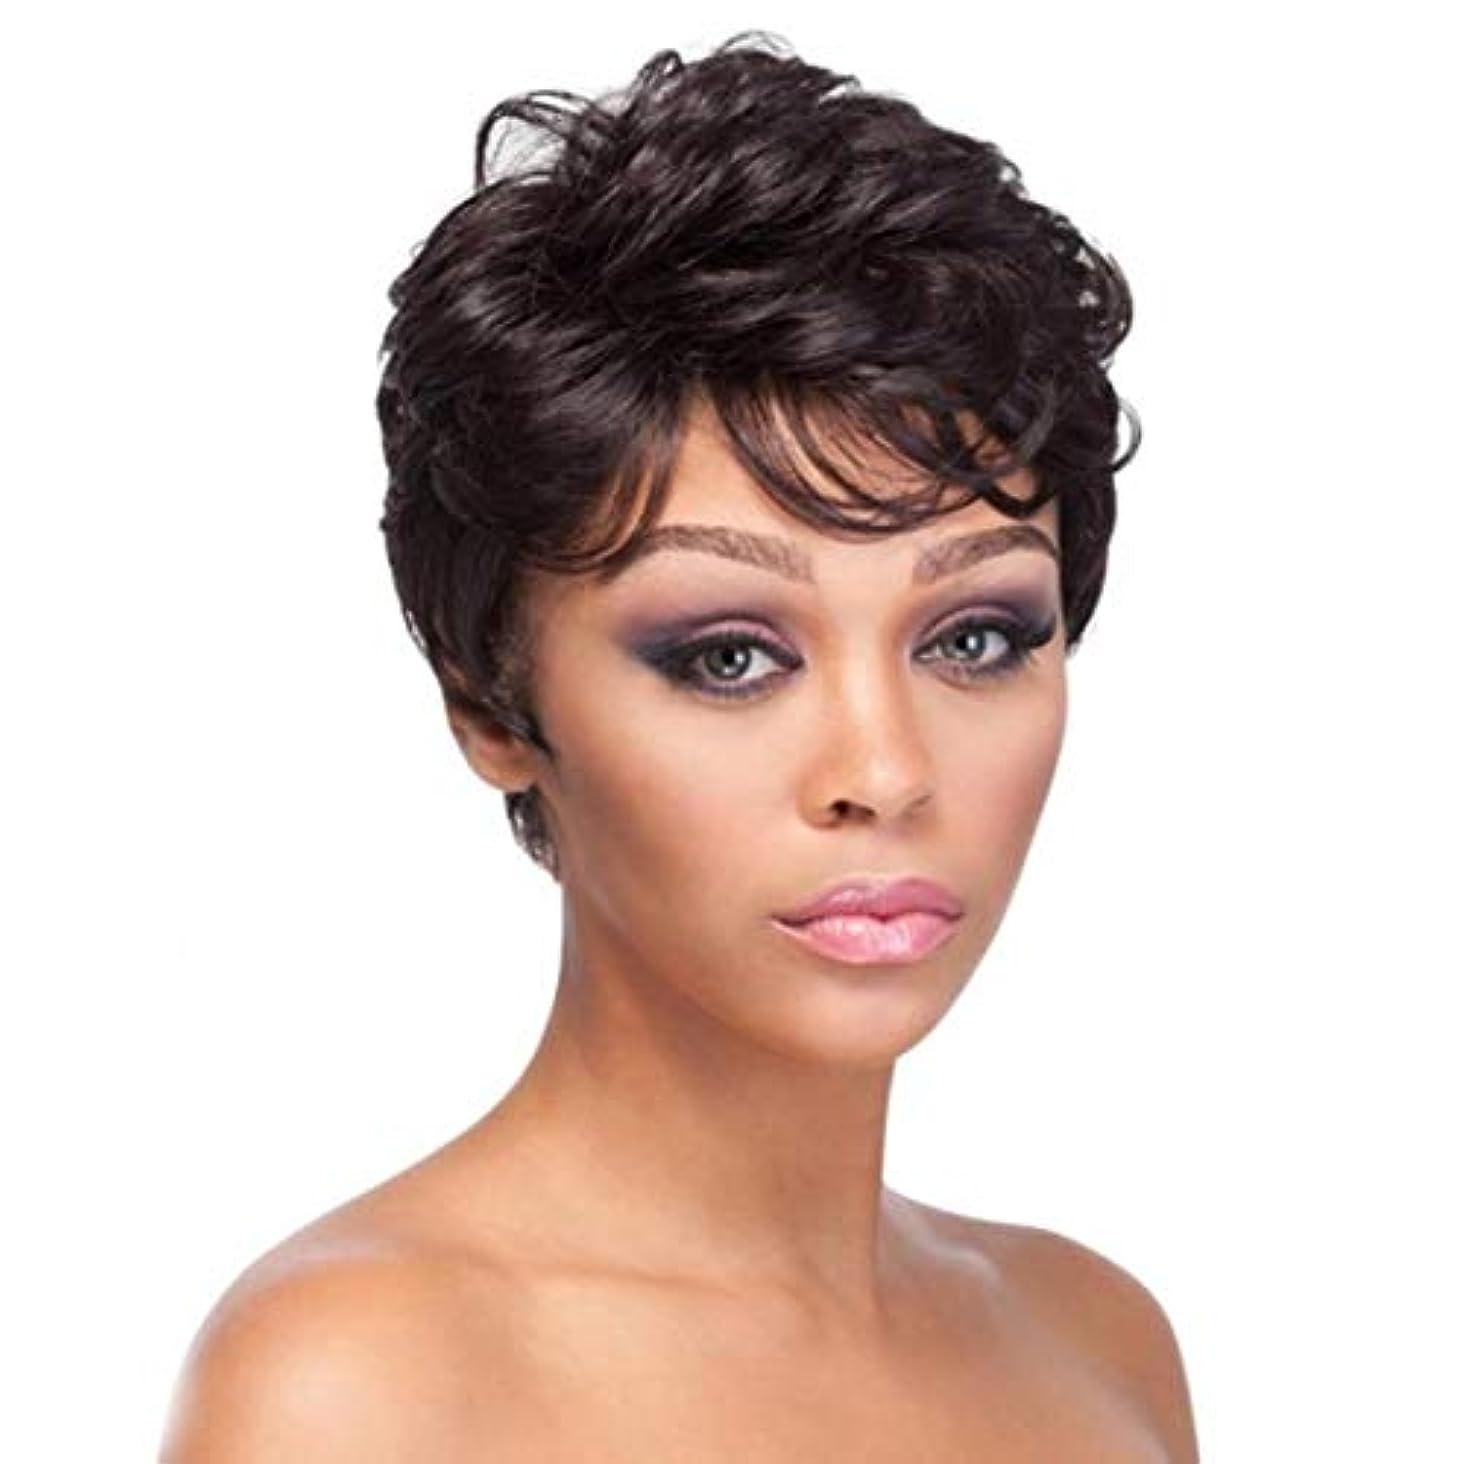 義務手足ミットKerwinner 女性のための短い巻き毛のかつら前髪合成繊維のかつらでかつらかつら